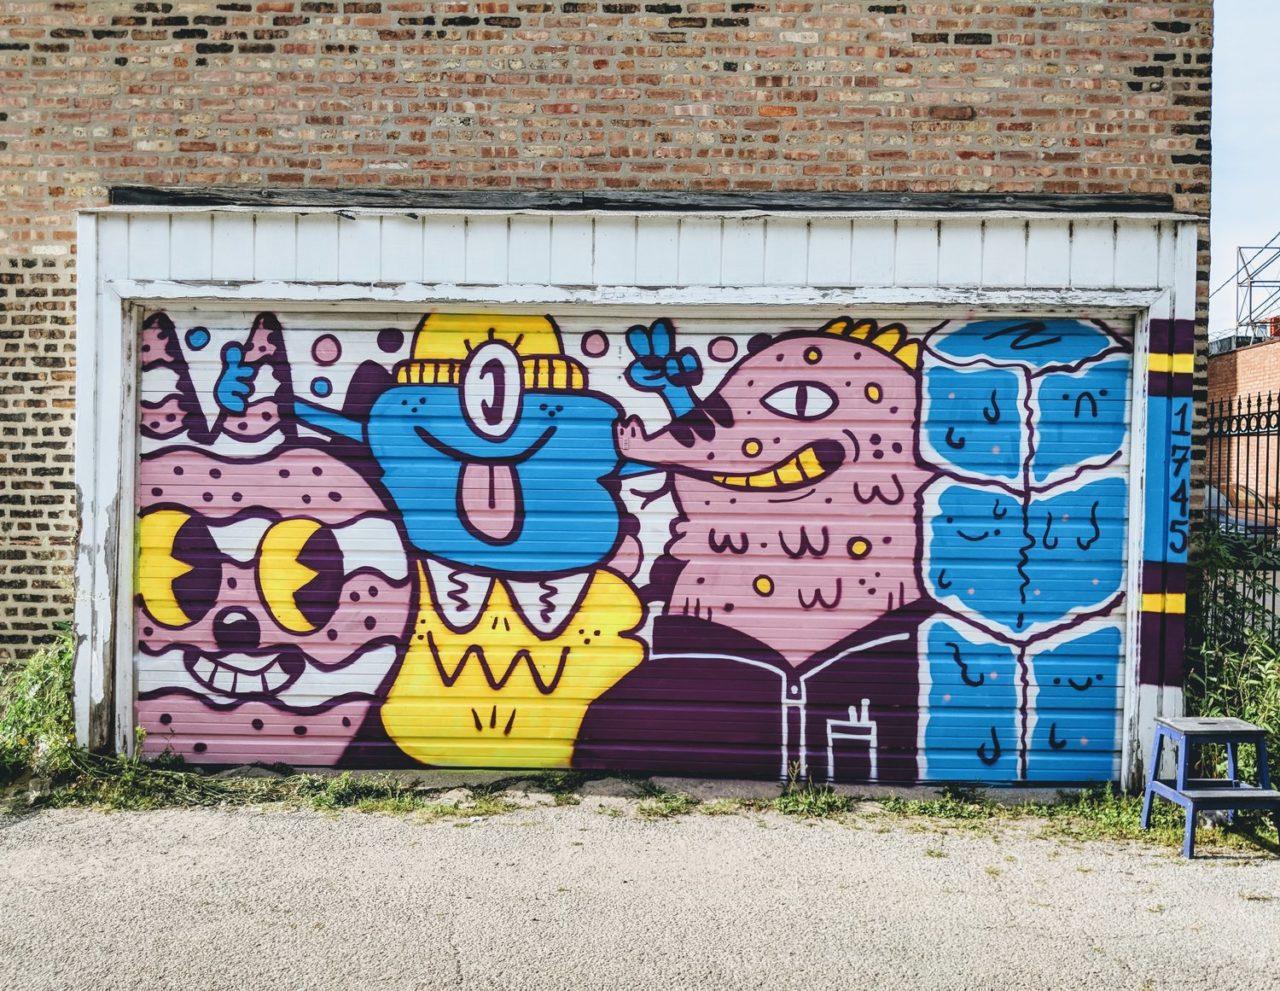 Blake Jones' mural